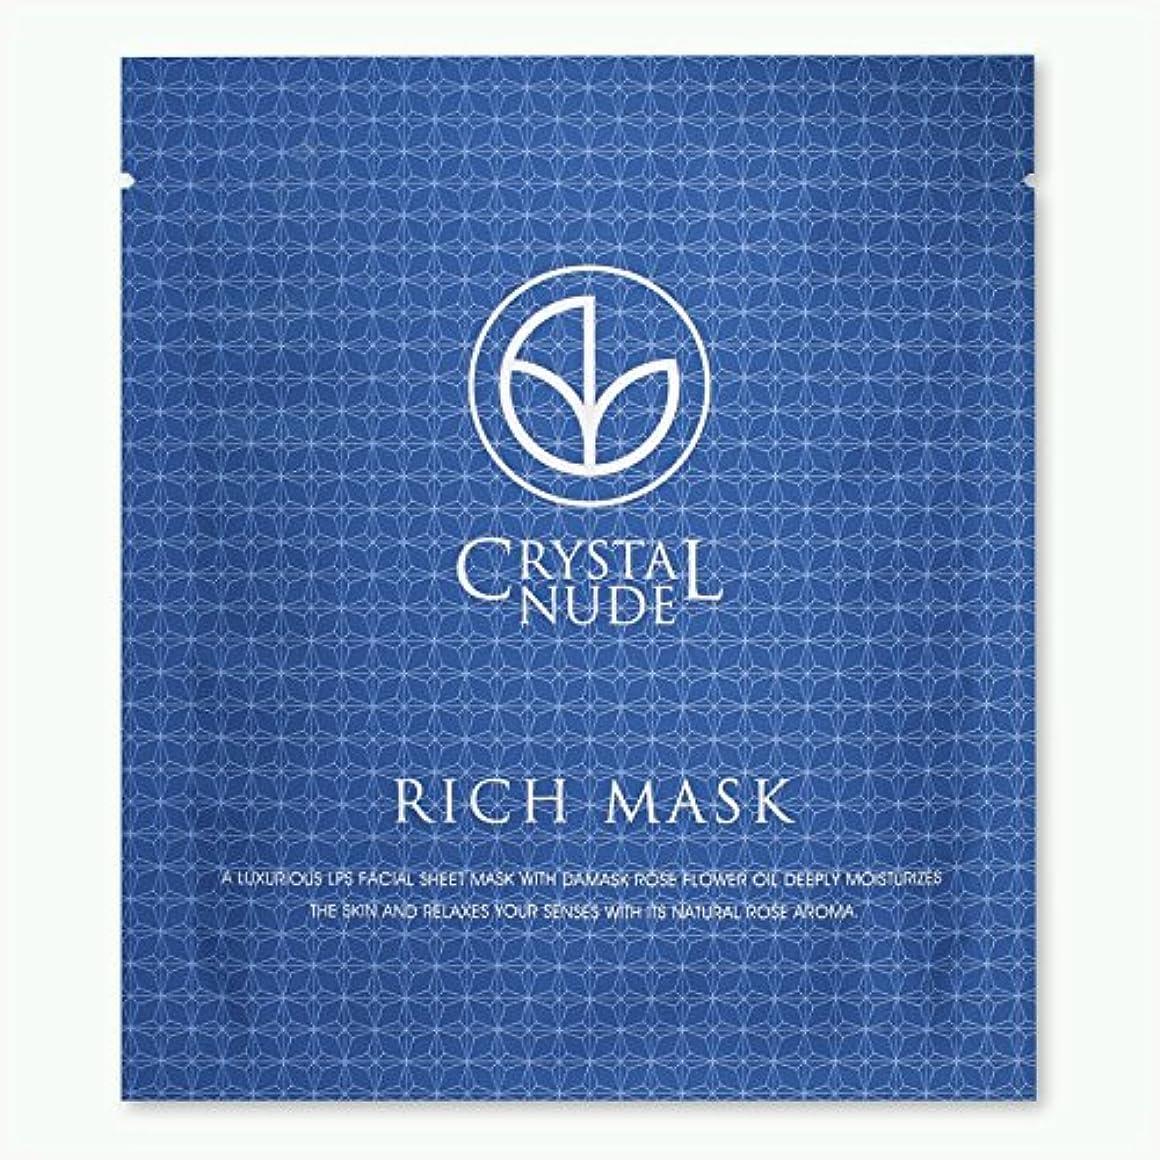 旧正月繊維退屈な【LPS配合】RICH MASK リッチマスク (6枚セット)